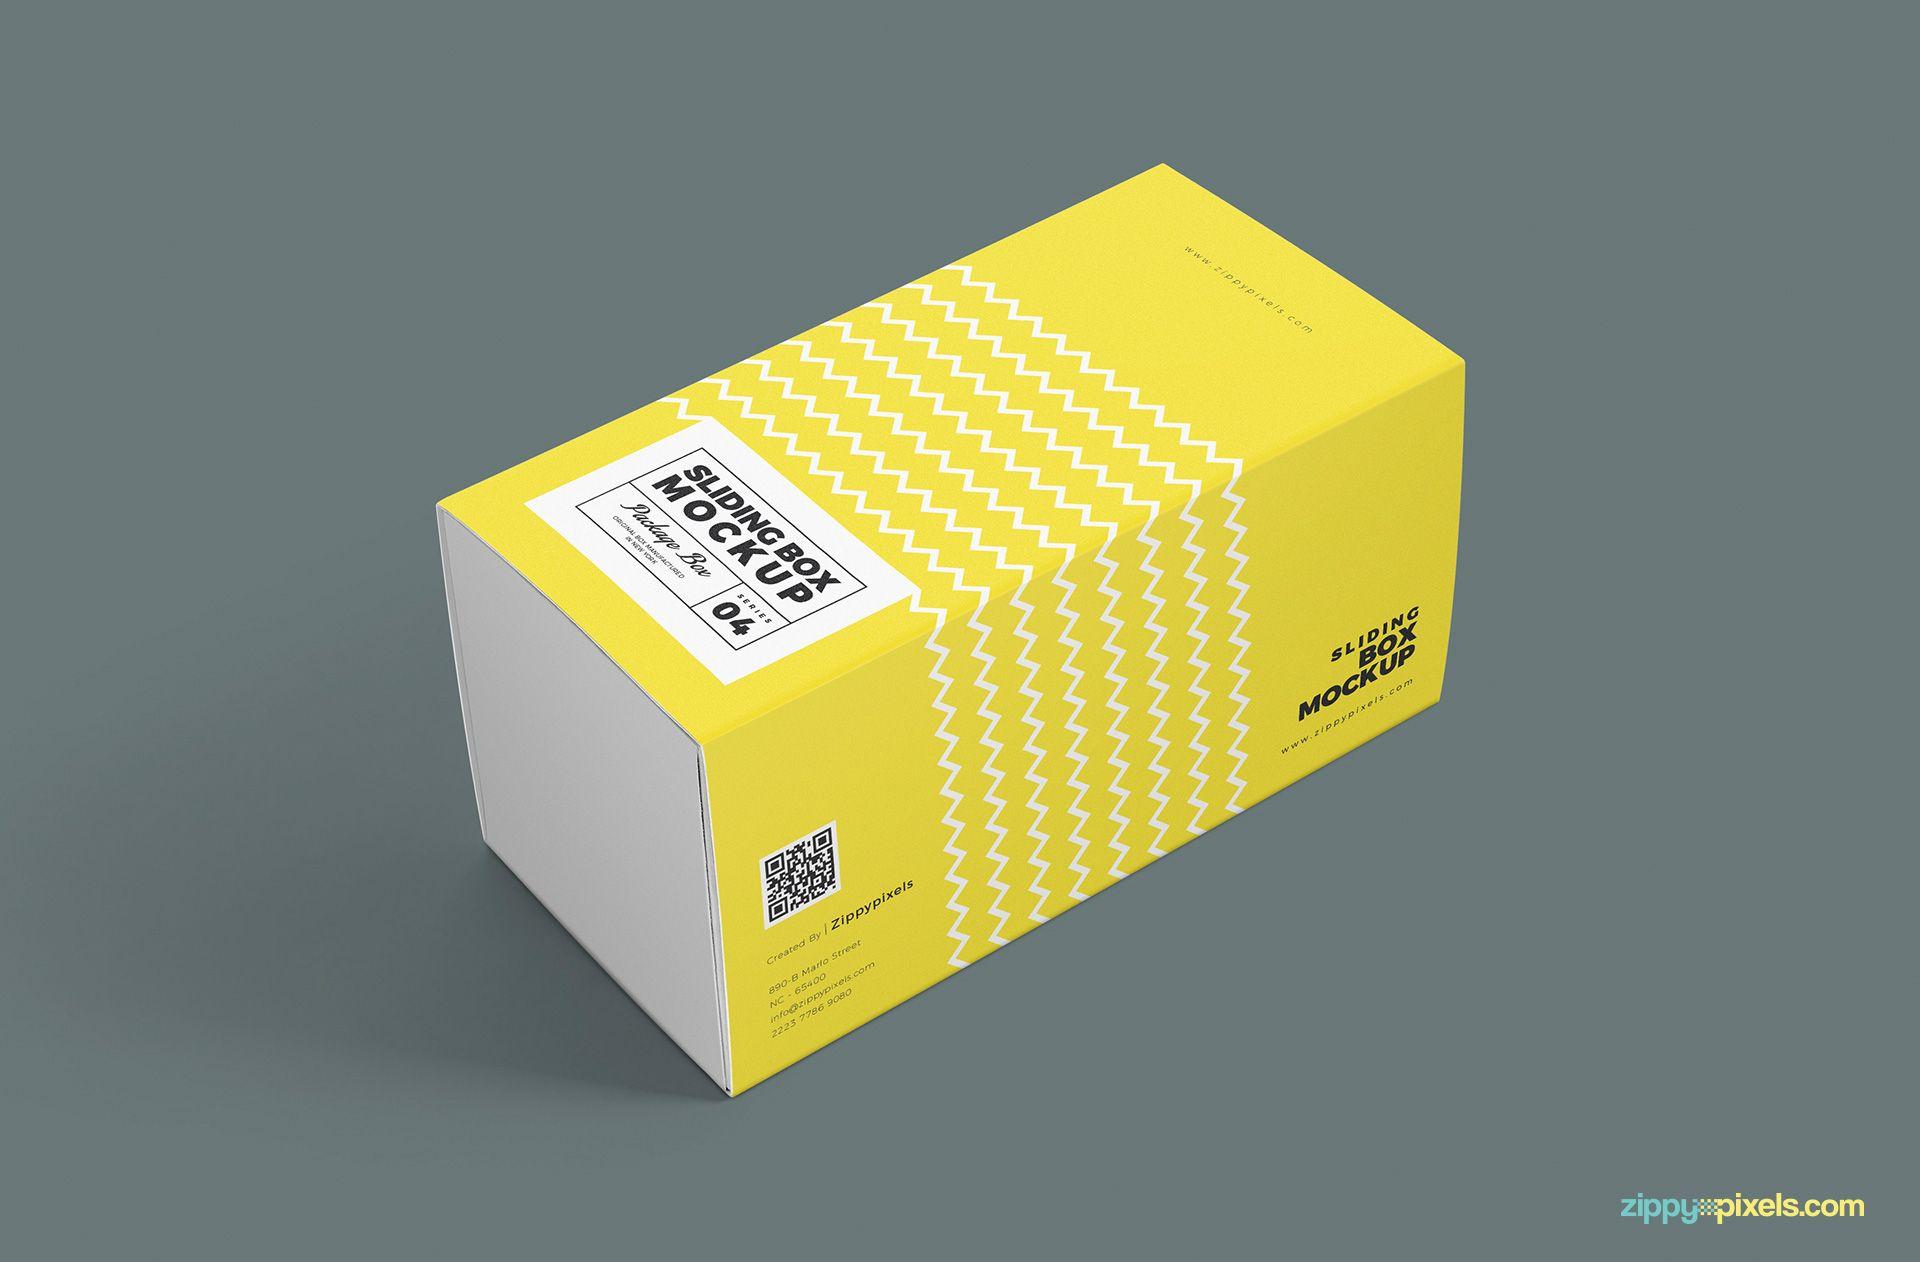 Download 3 Free Cardboard Drawer Box Mockups Zippypixels Box Mockup Cardboard Box Crafts Drawer Box